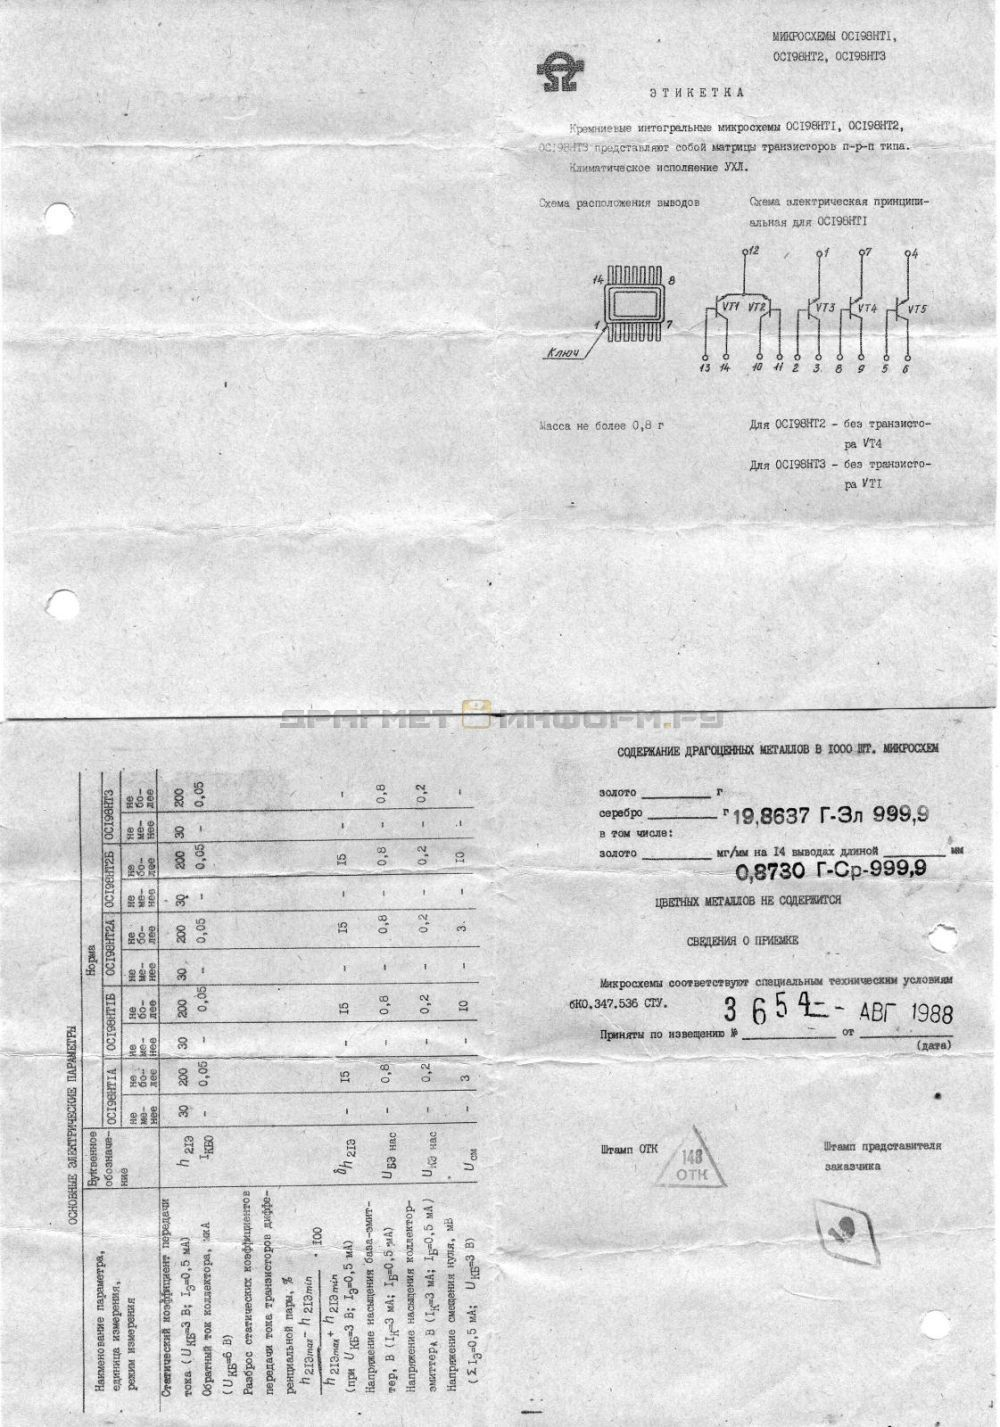 Формуляр ОС198НТ1